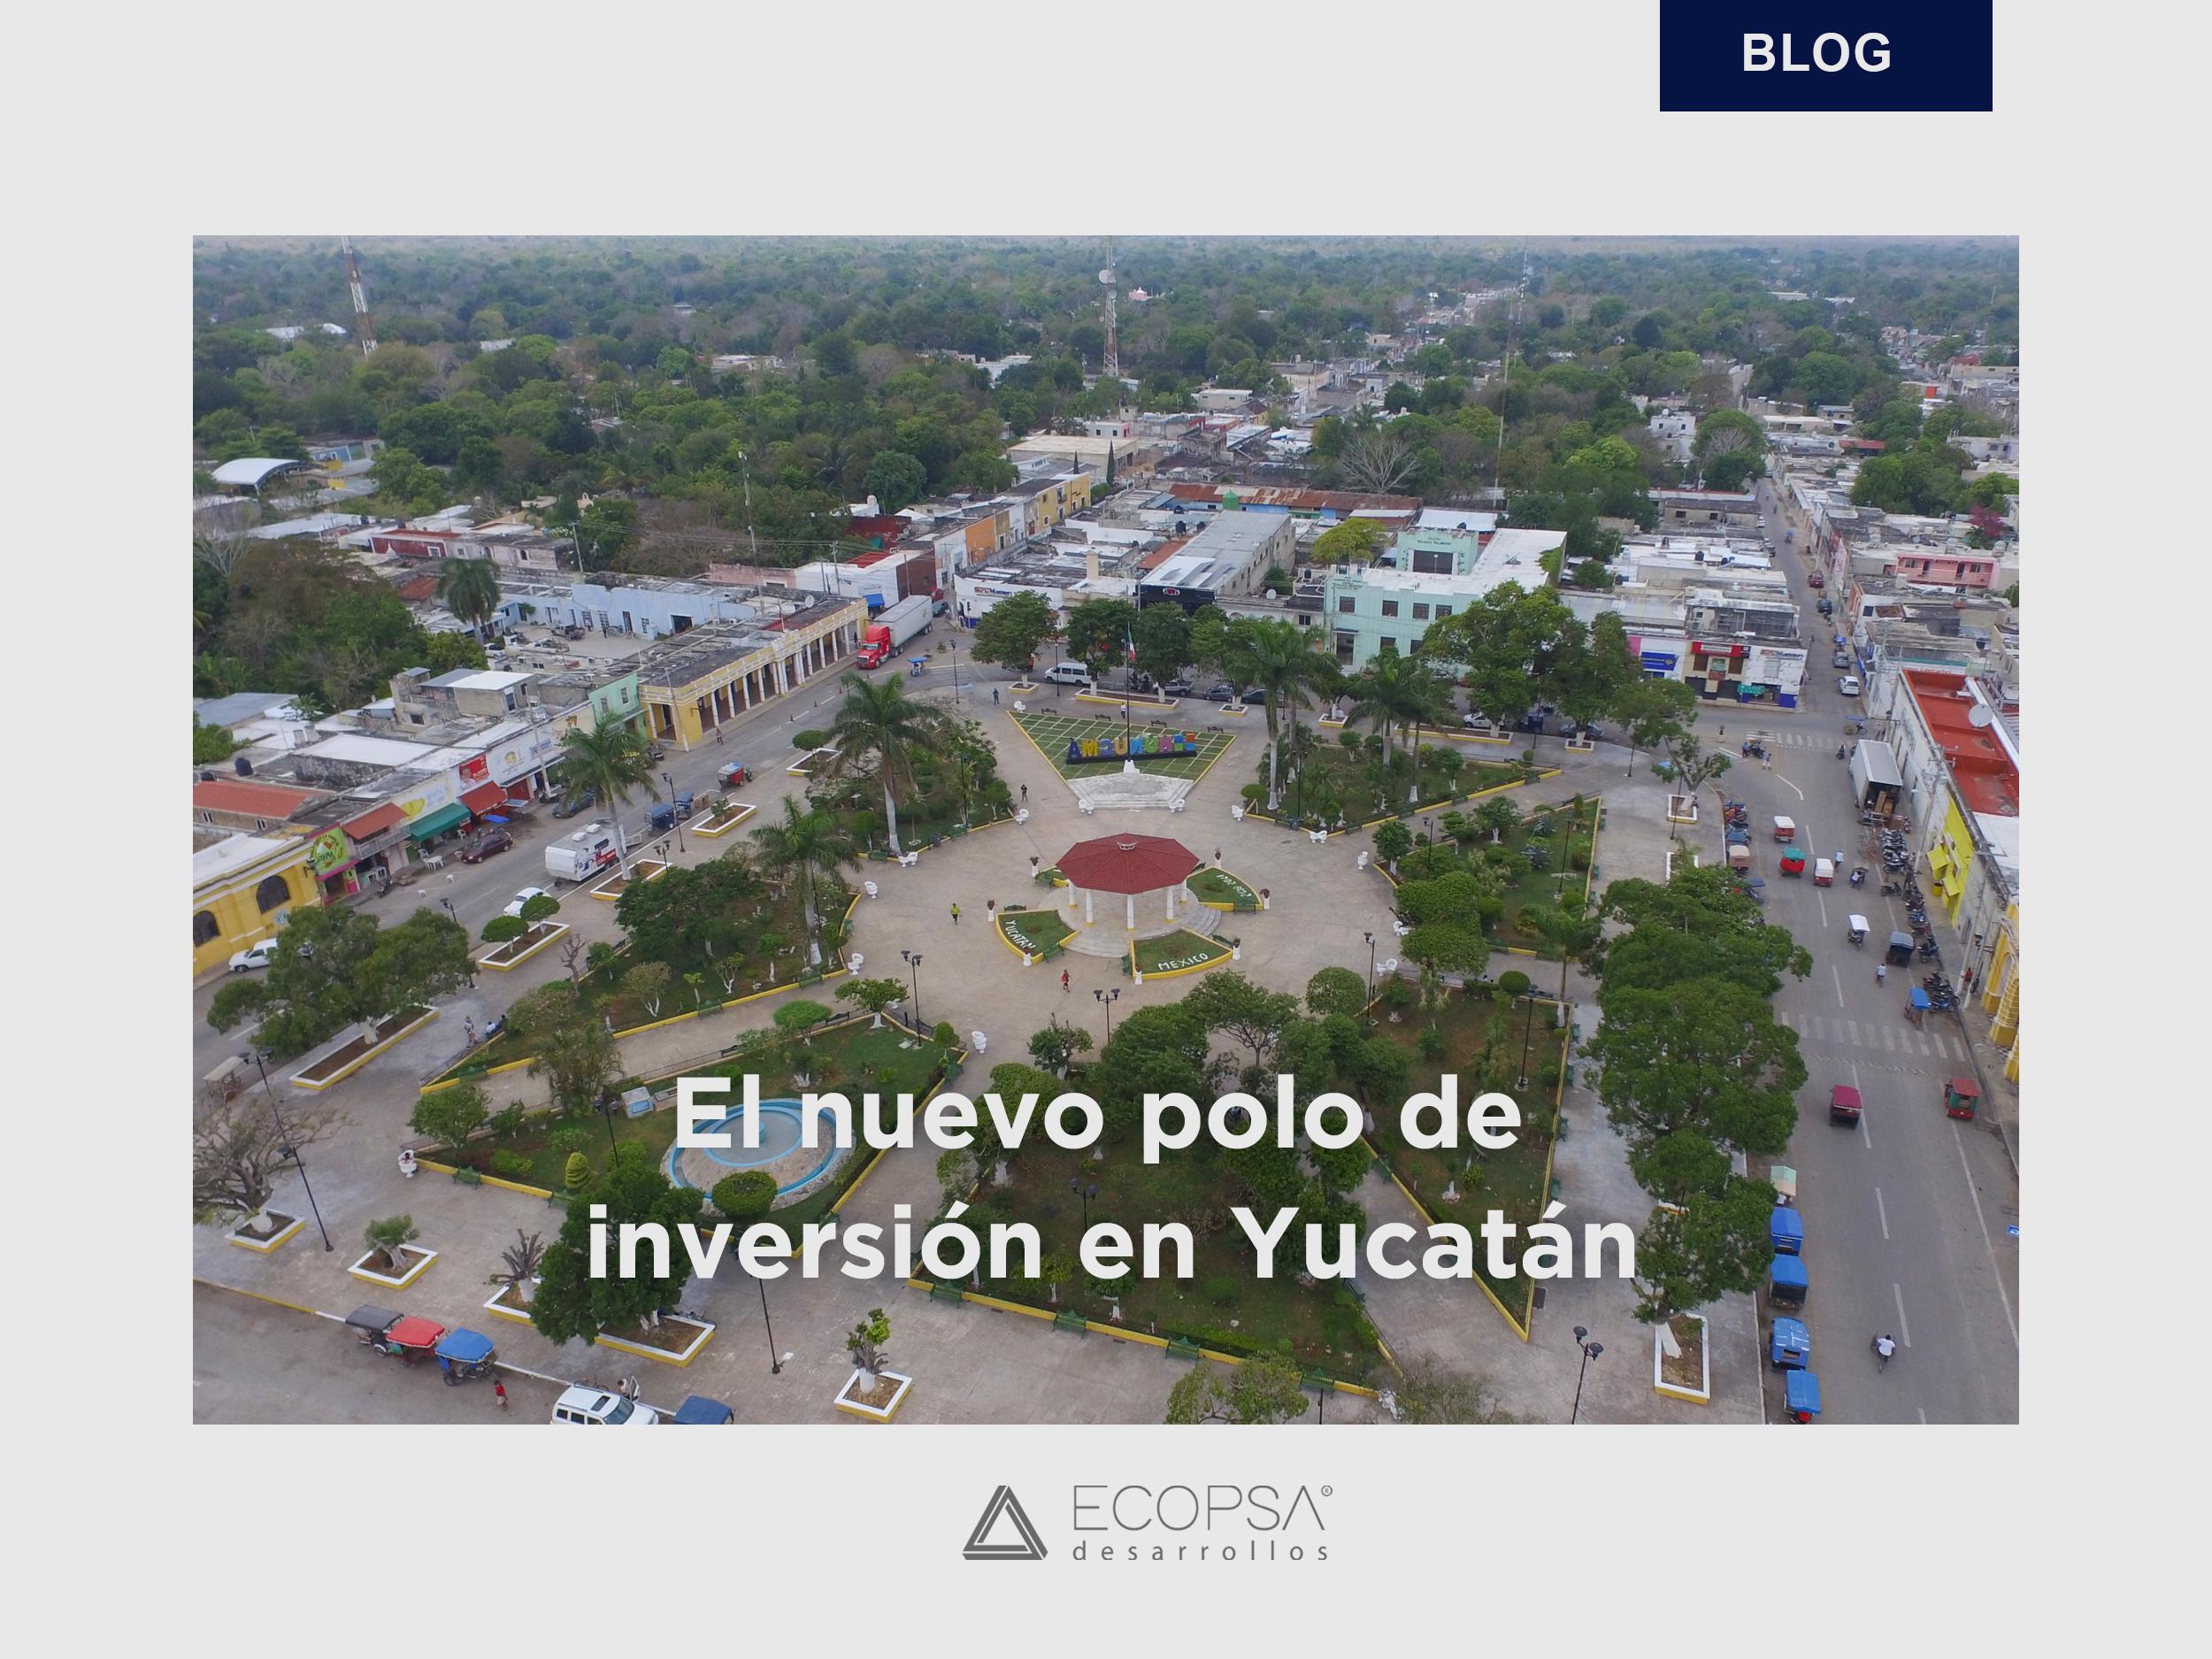 El nuevo polo de inversión en Yucatán.